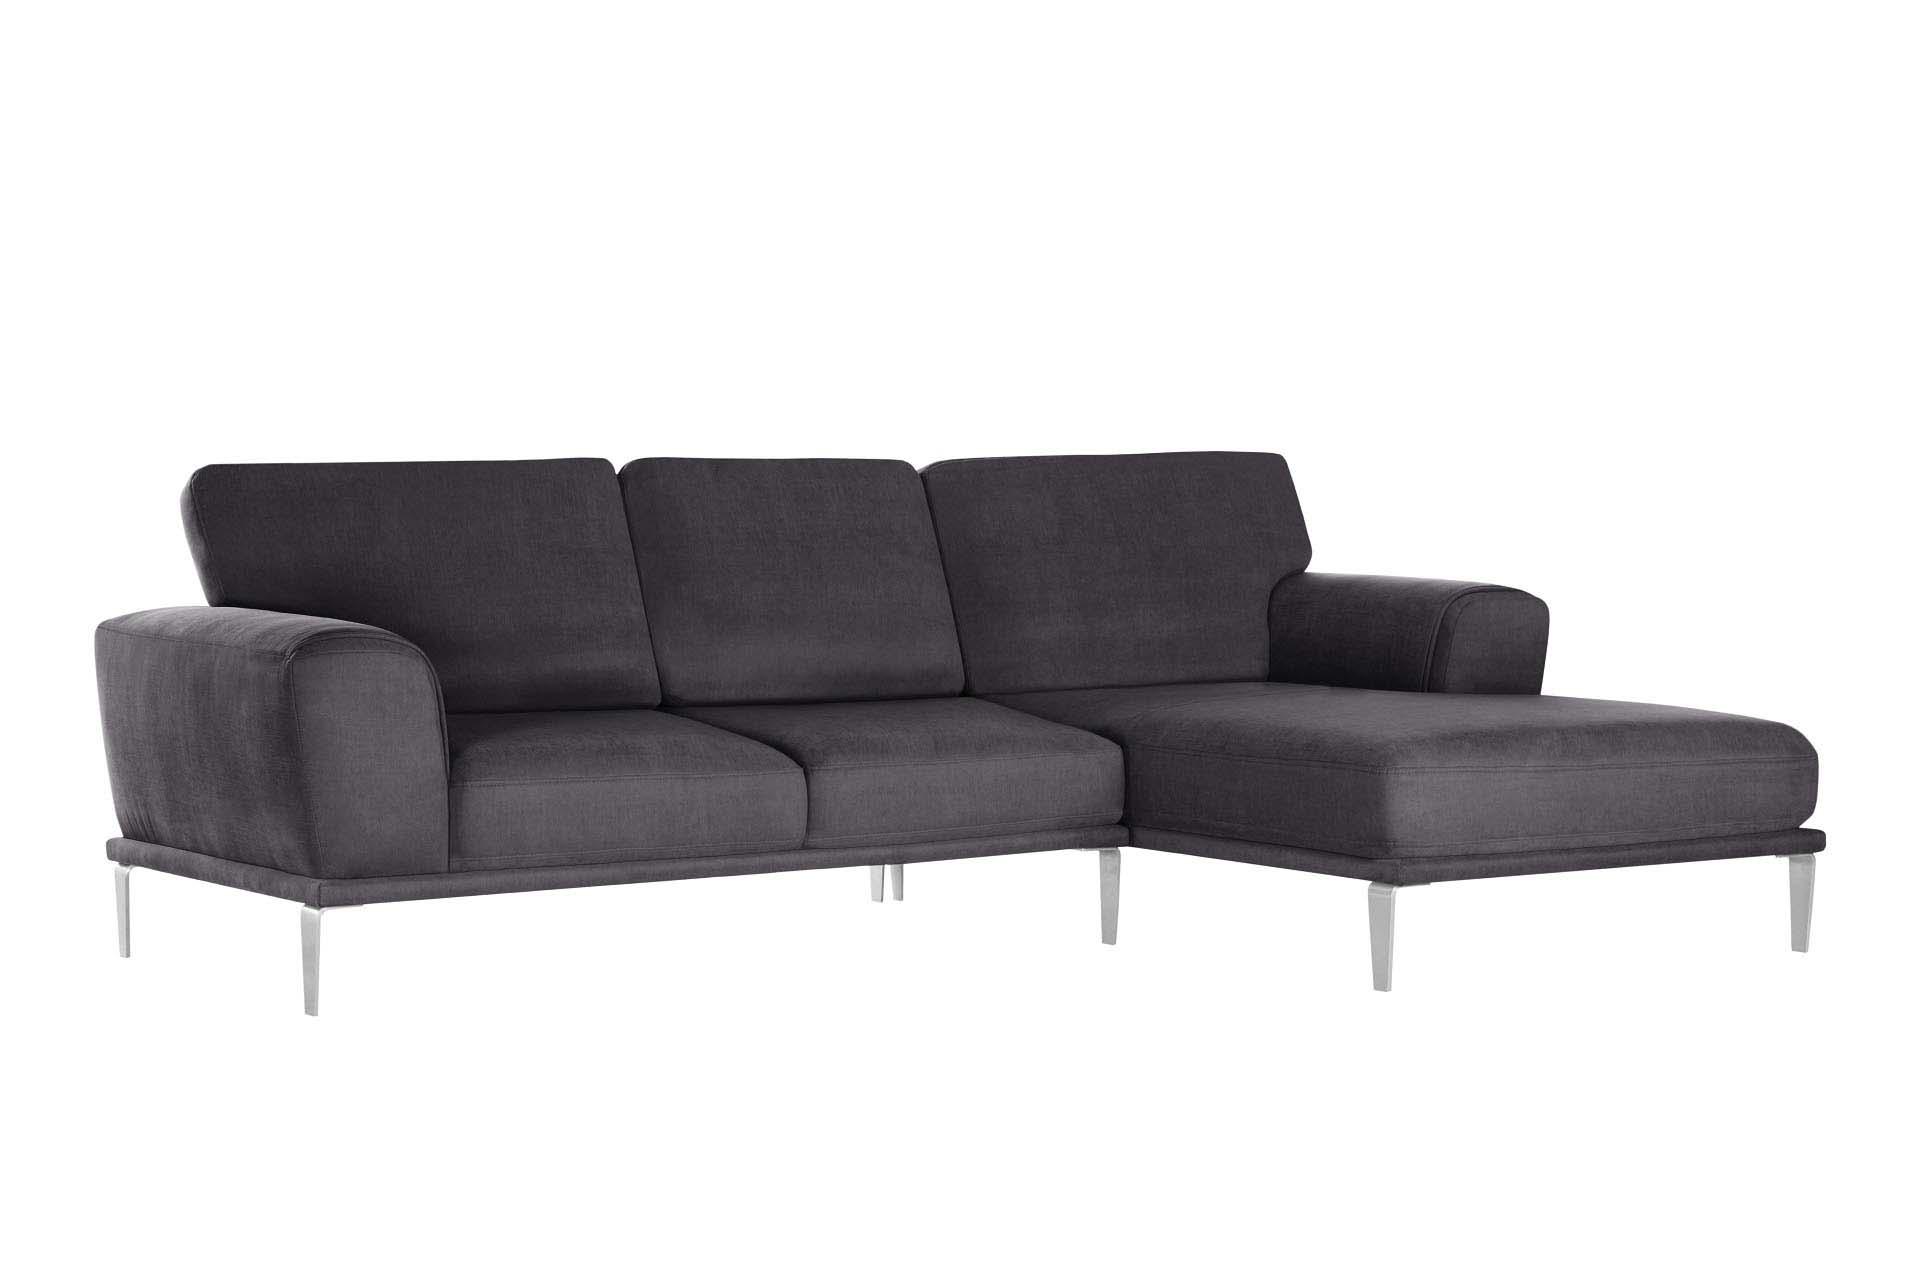 L'Officiel Interiors Canapé d'angle droit 5 places toucher coton anthracite